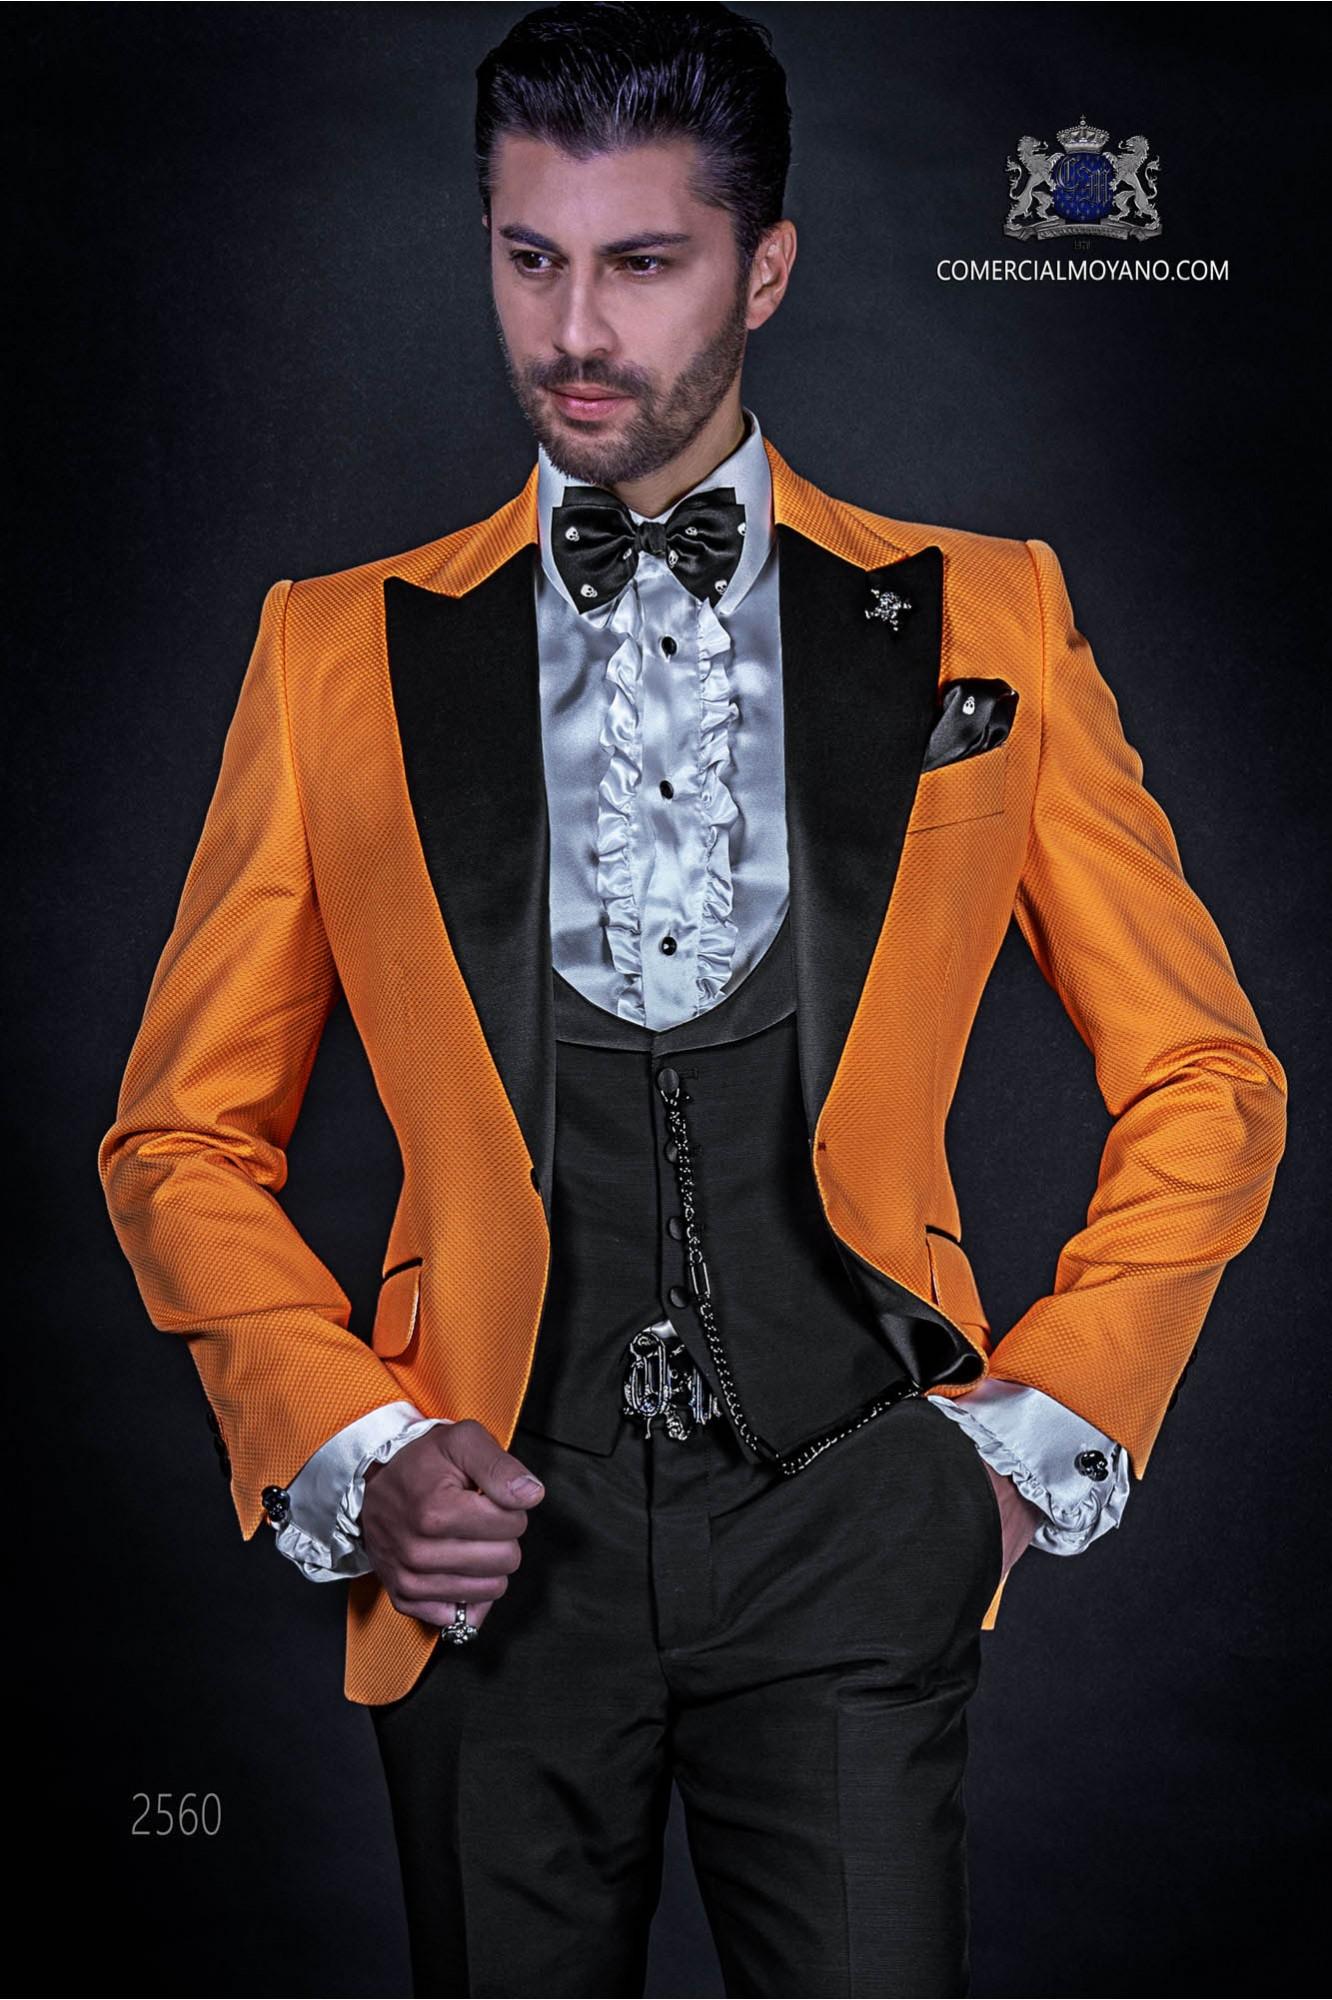 Traje naranja algodón piqué con pantalón negro mixto lana